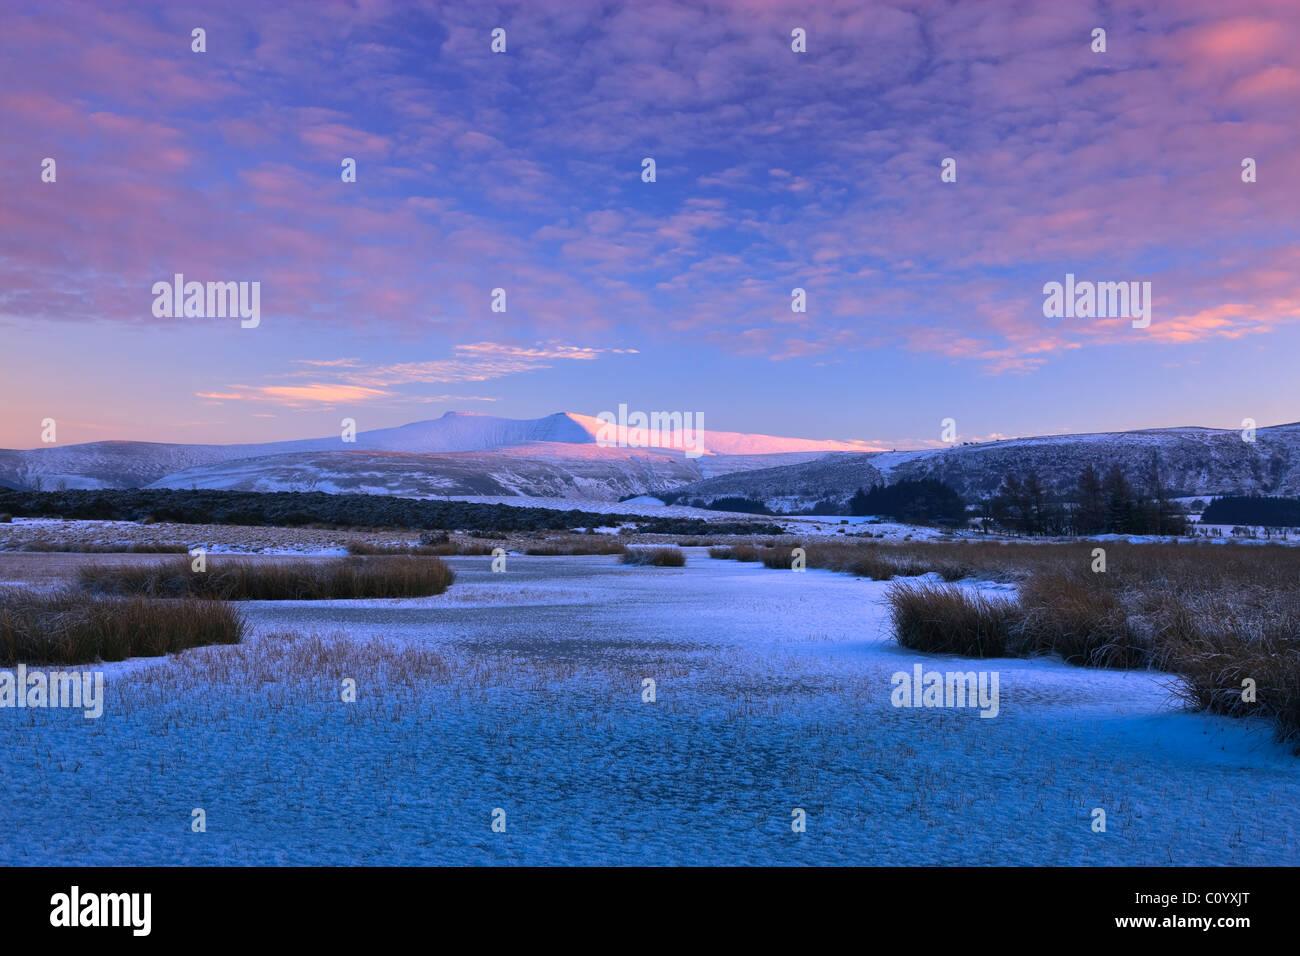 Pen y Fan & Du montañas Mynydd Maíz Común Illtyd Brecon Beacons Gales Powys en invierno Imagen De Stock